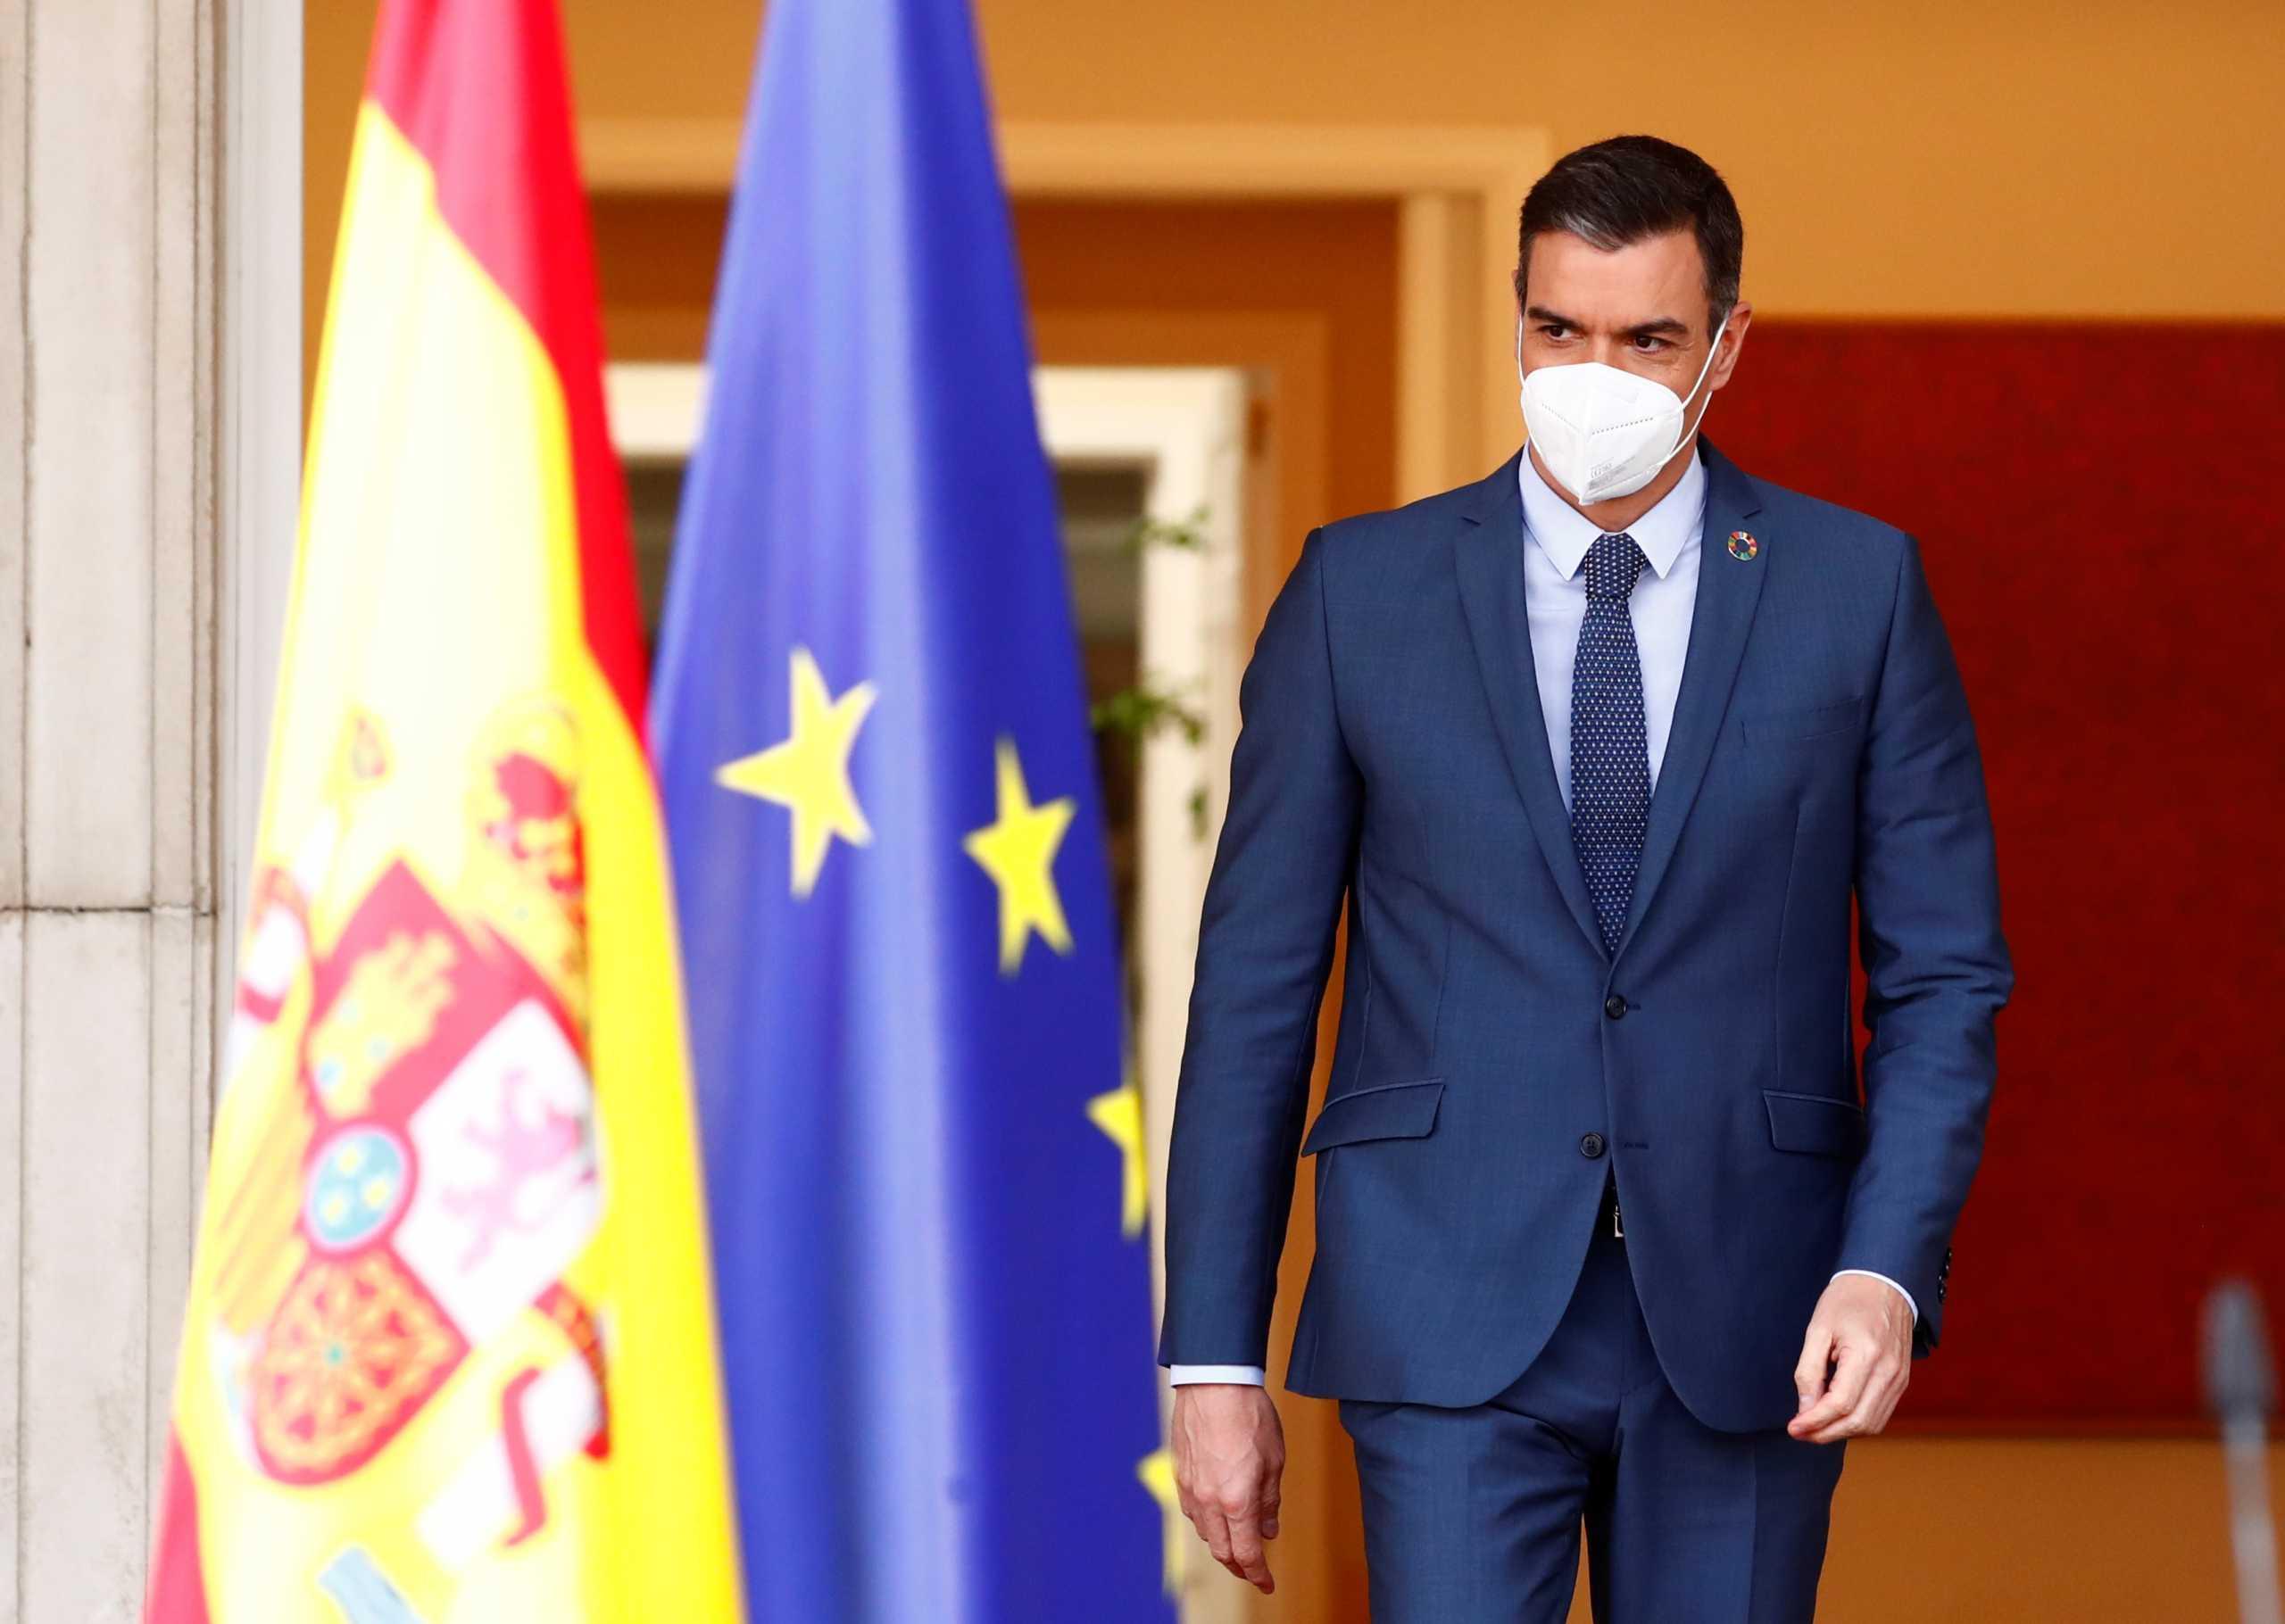 Έξαλλος ο πρωθυπουργός της Ισπανίας με τον τέως βασιλιά Χουάν Κάρλος: «Αποτροπιασμός»